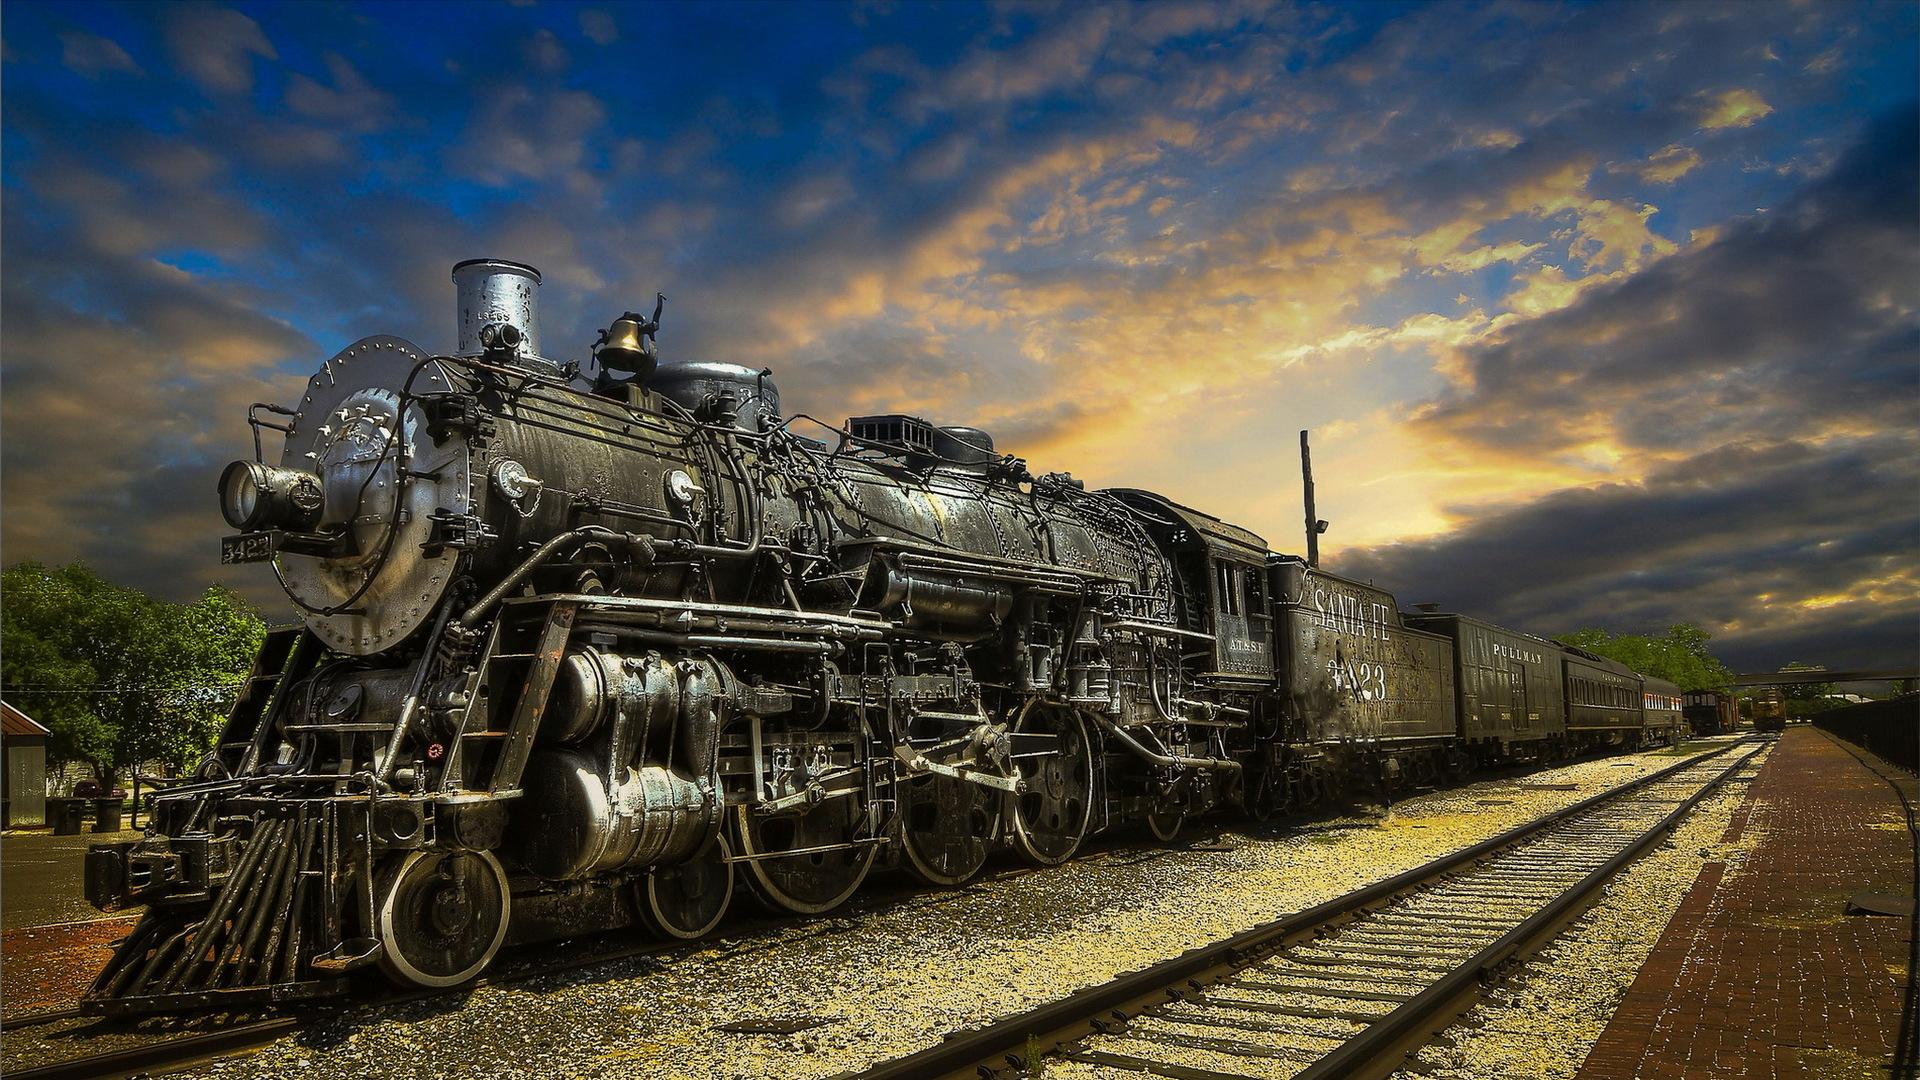 Fantastic Locomotive wallpaper 1920x1080 34976 1920x1080